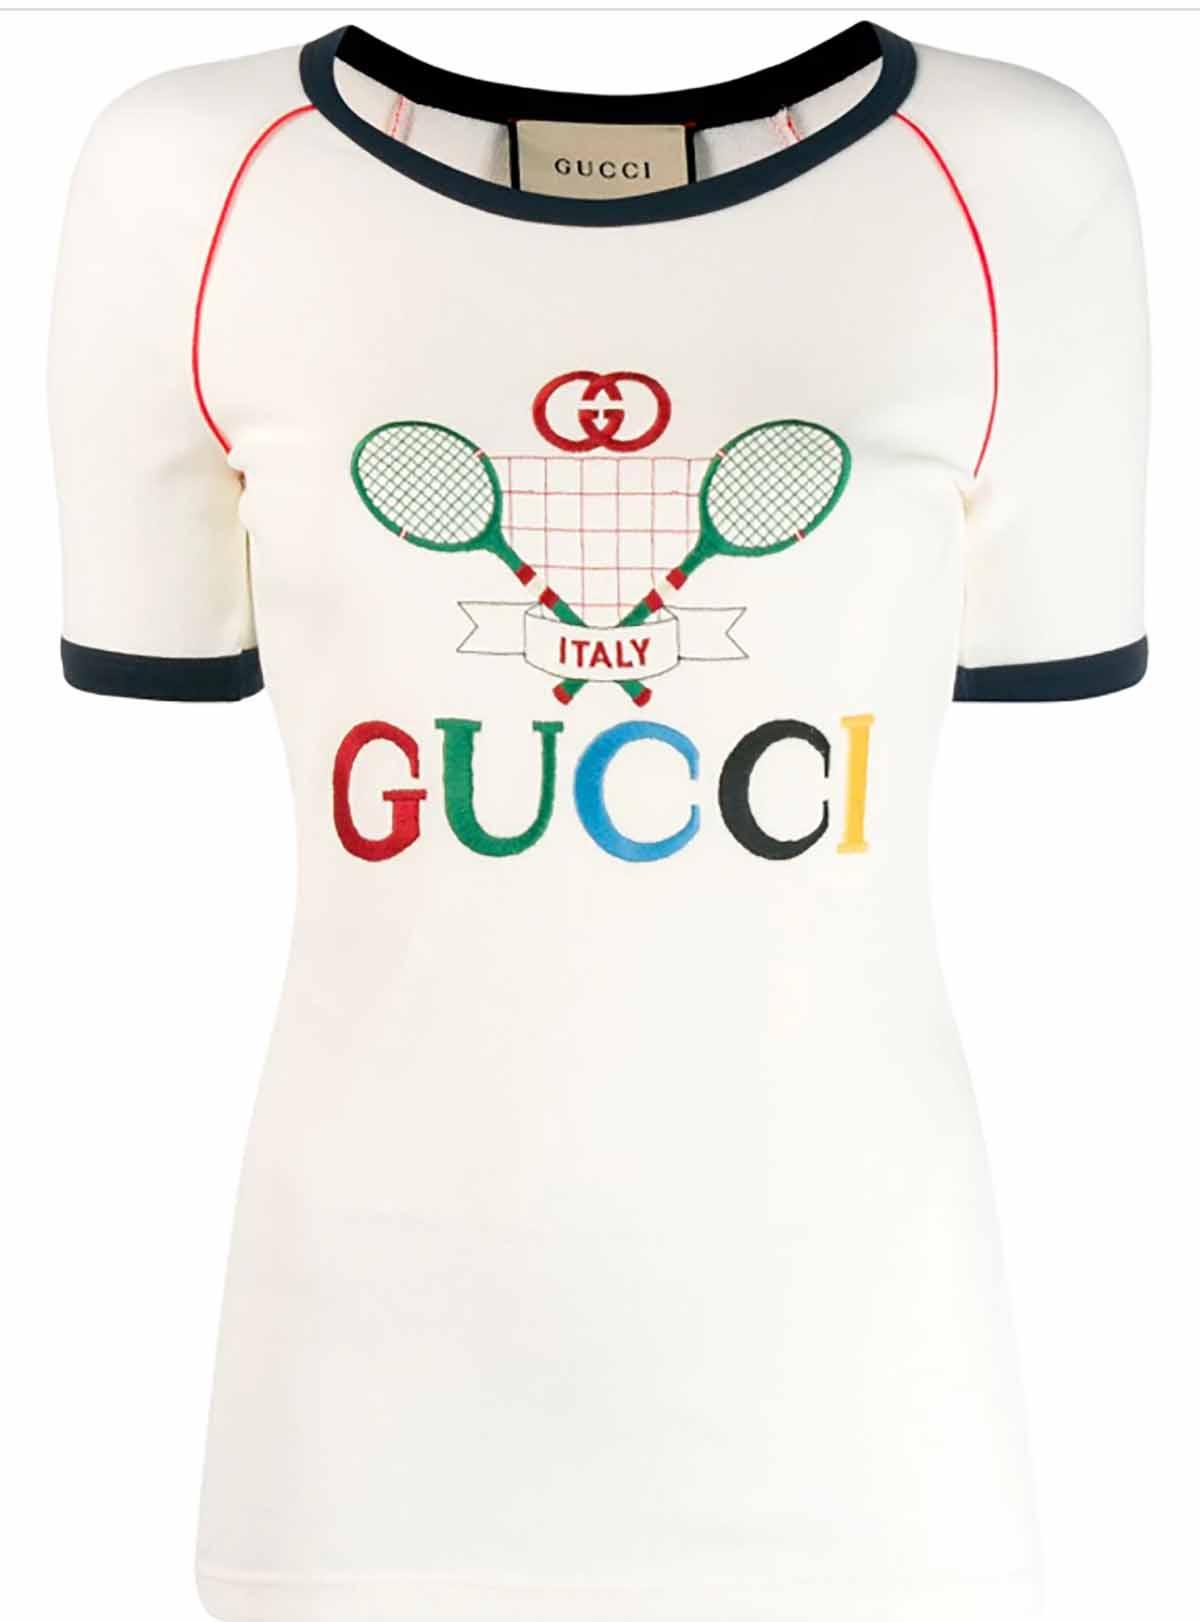 Camiseta 590 euros